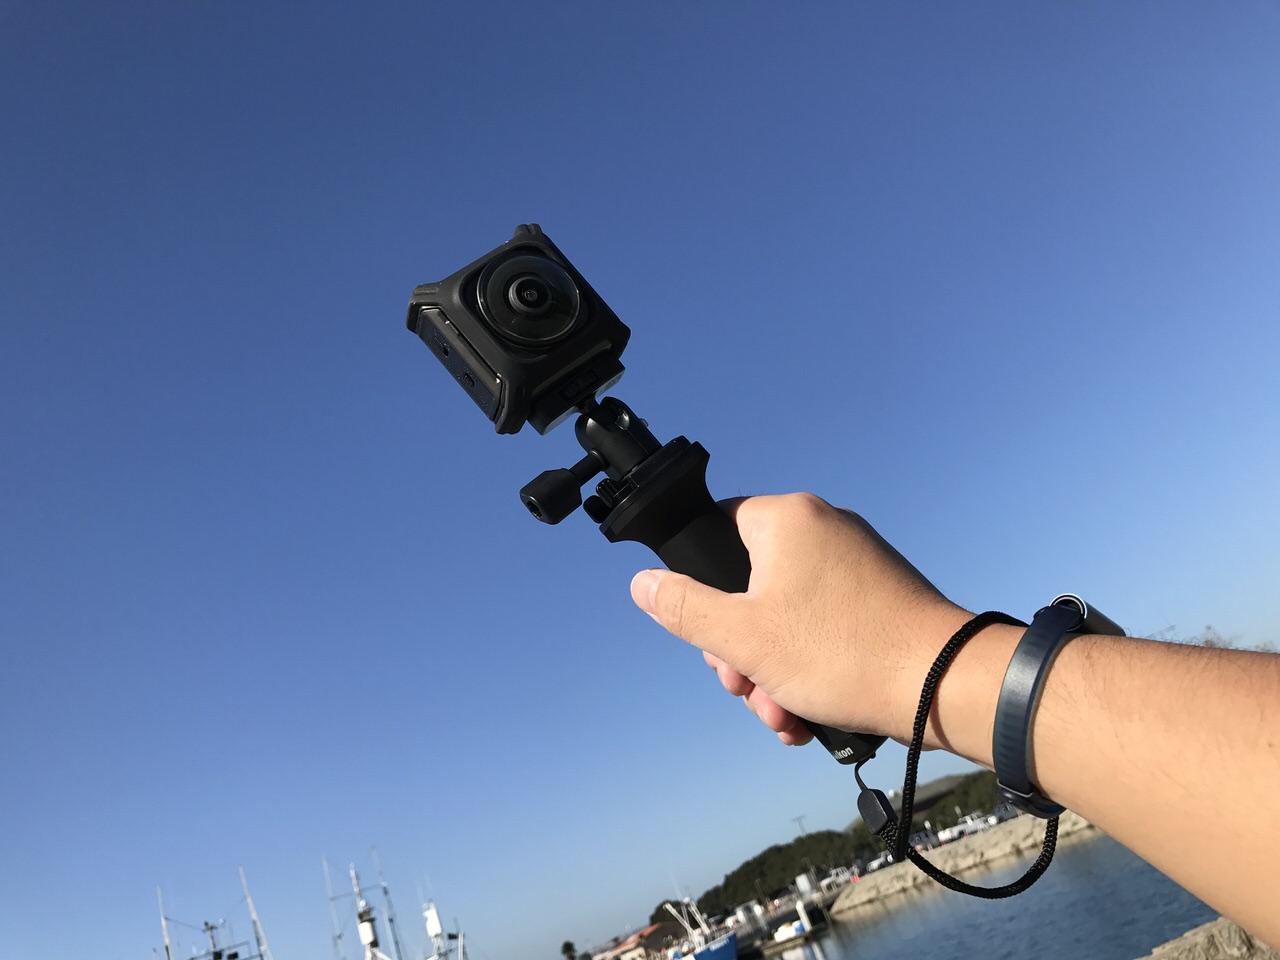 雨!風!温泉!エクストリームな環境で4Kの高画質な360度撮影を可能にする「KeyMission 360」【AD】 #KeyMission360 #PR